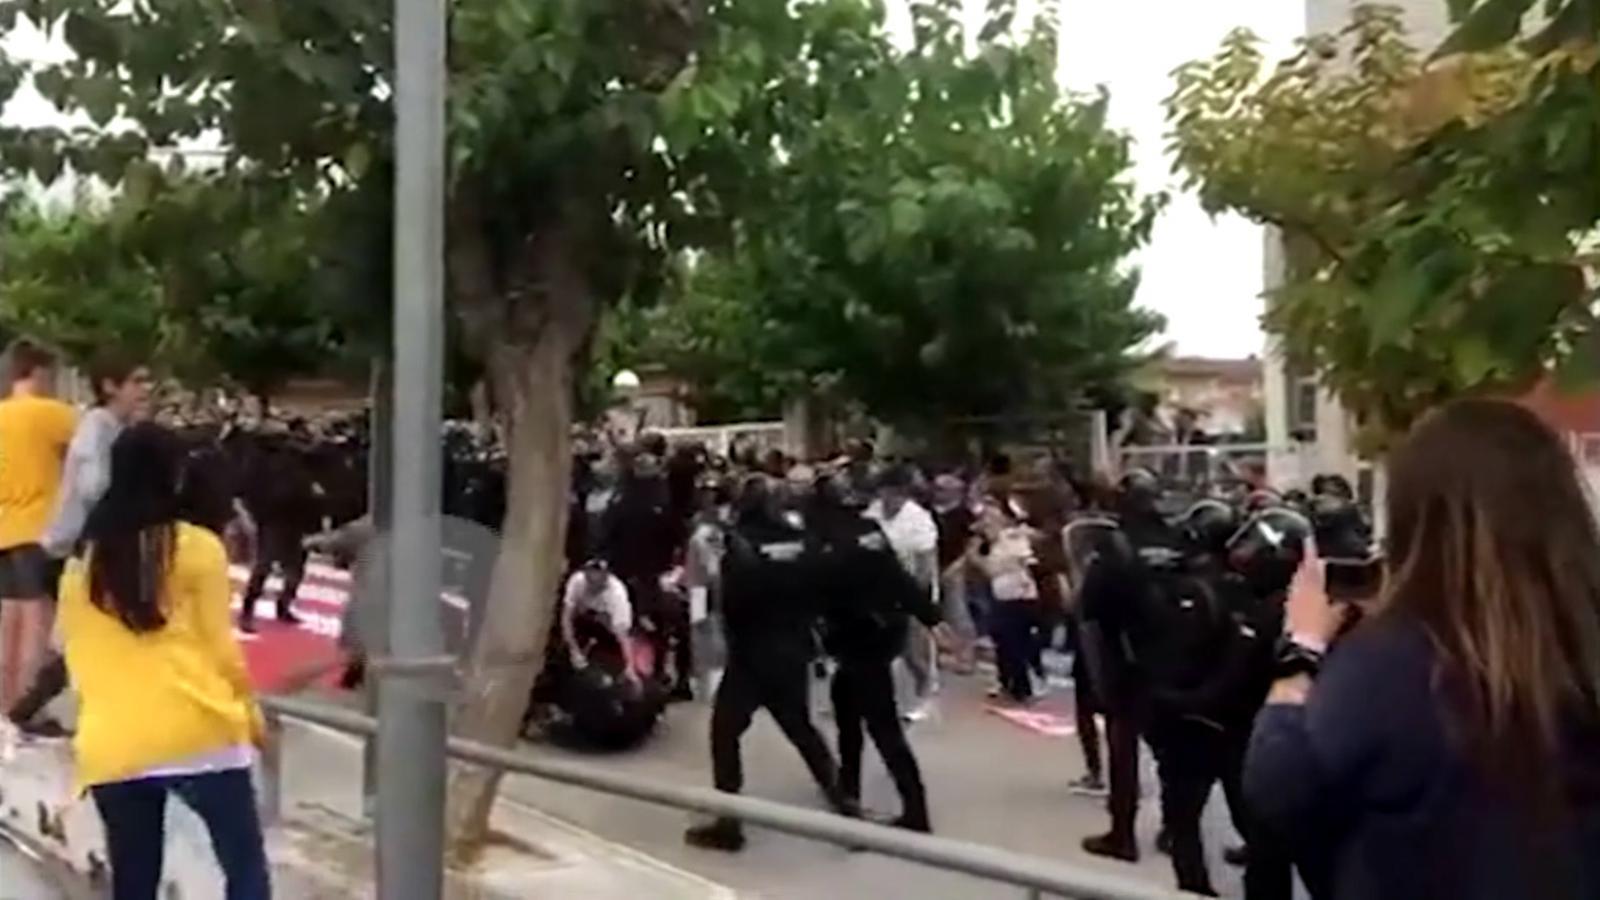 Imatges de dues agressions amb una puntada de peu a agents de la Guàrdia Civil el passat 1-O a Sant Esteve Sesrovires